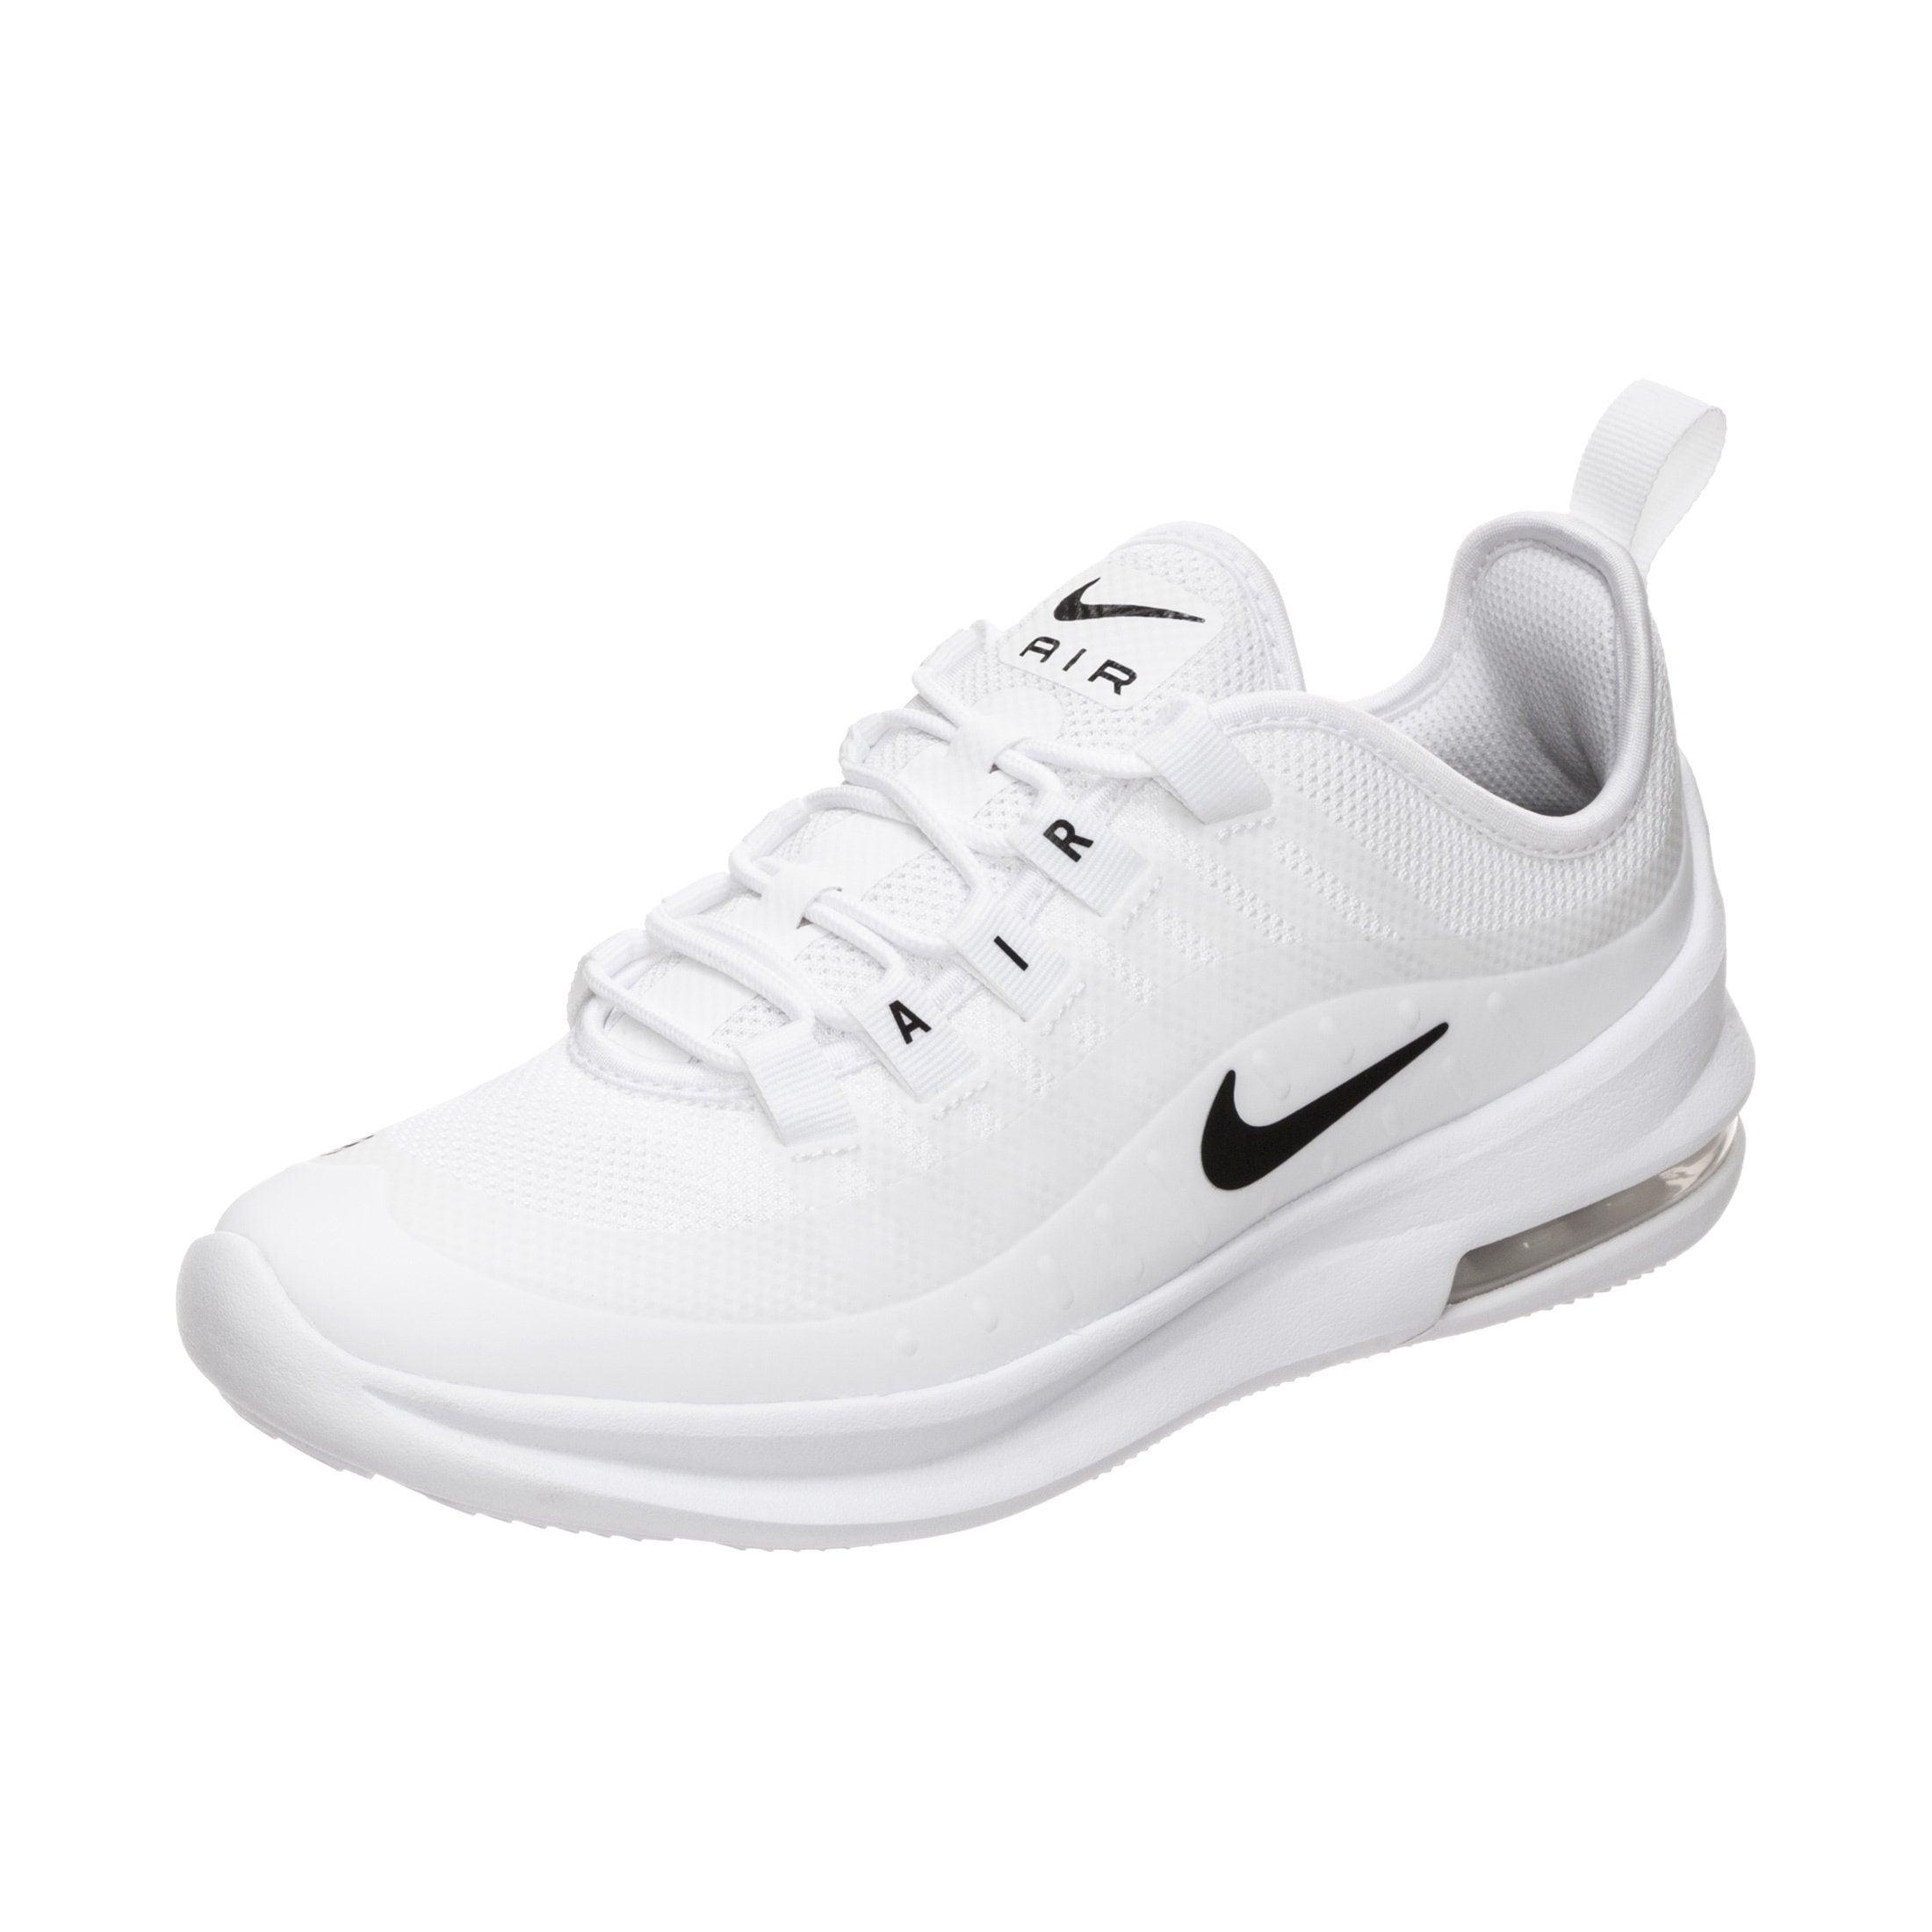 Schuhe Nike Air Max Axis : Günstige Neue Schuhe Nike Air Max